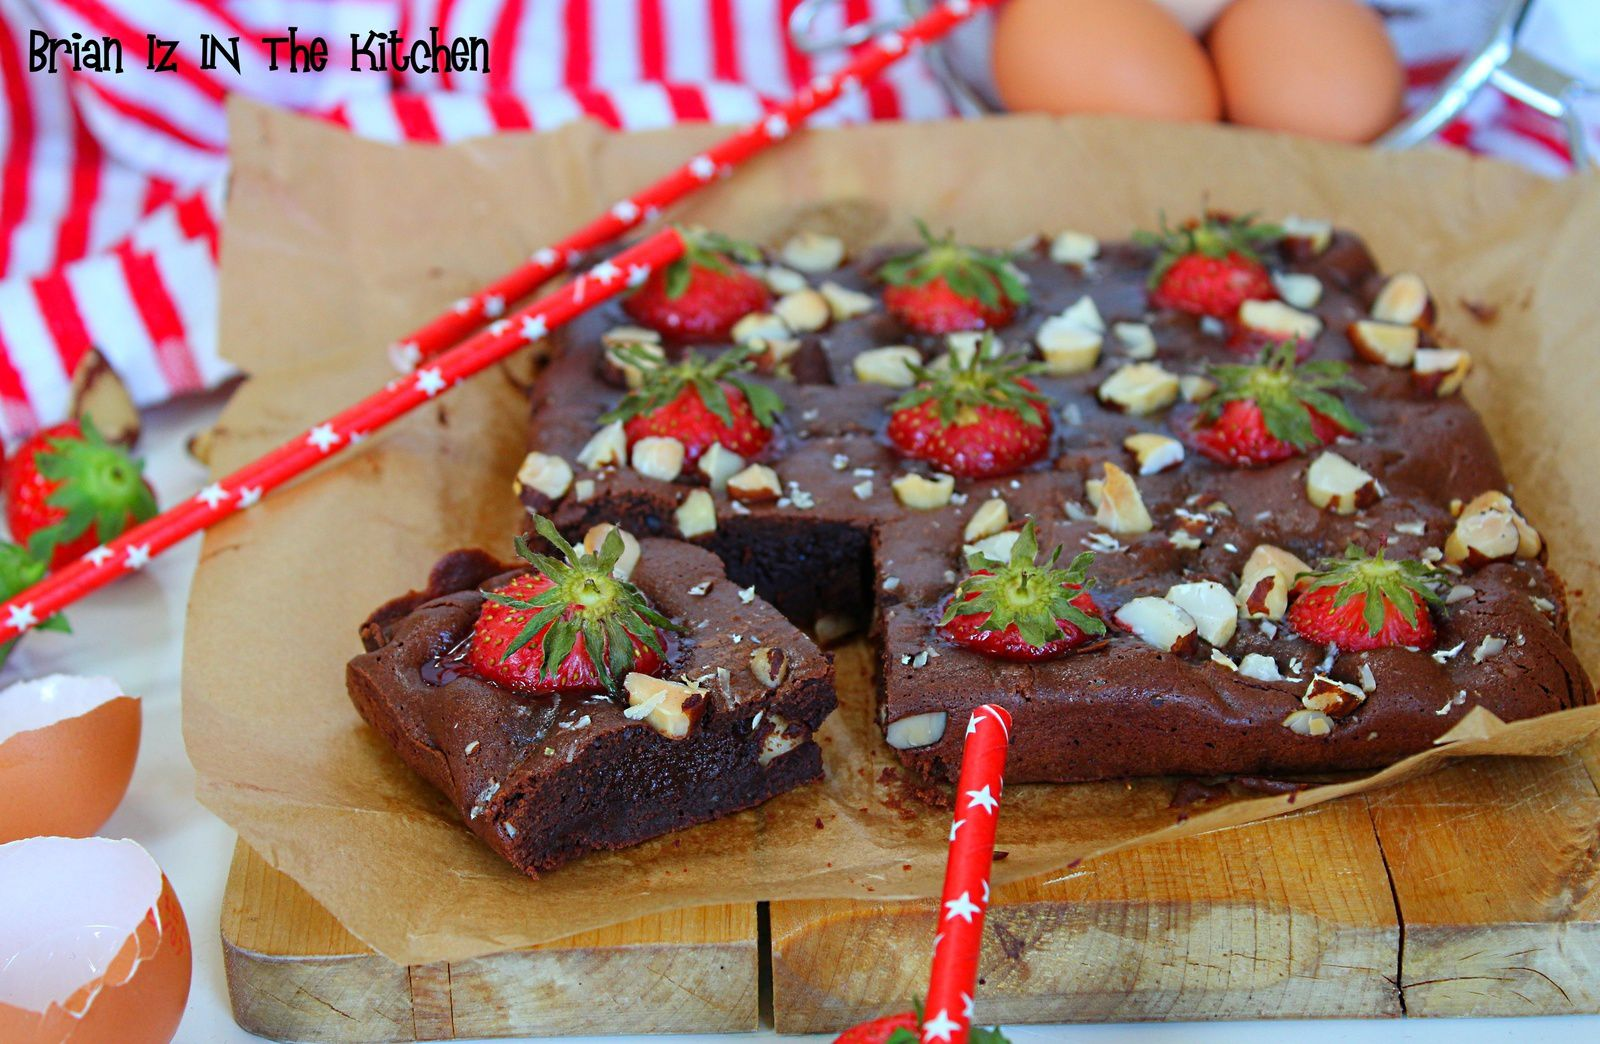 Brownie Choco-Fraises aux Noix du Brésil